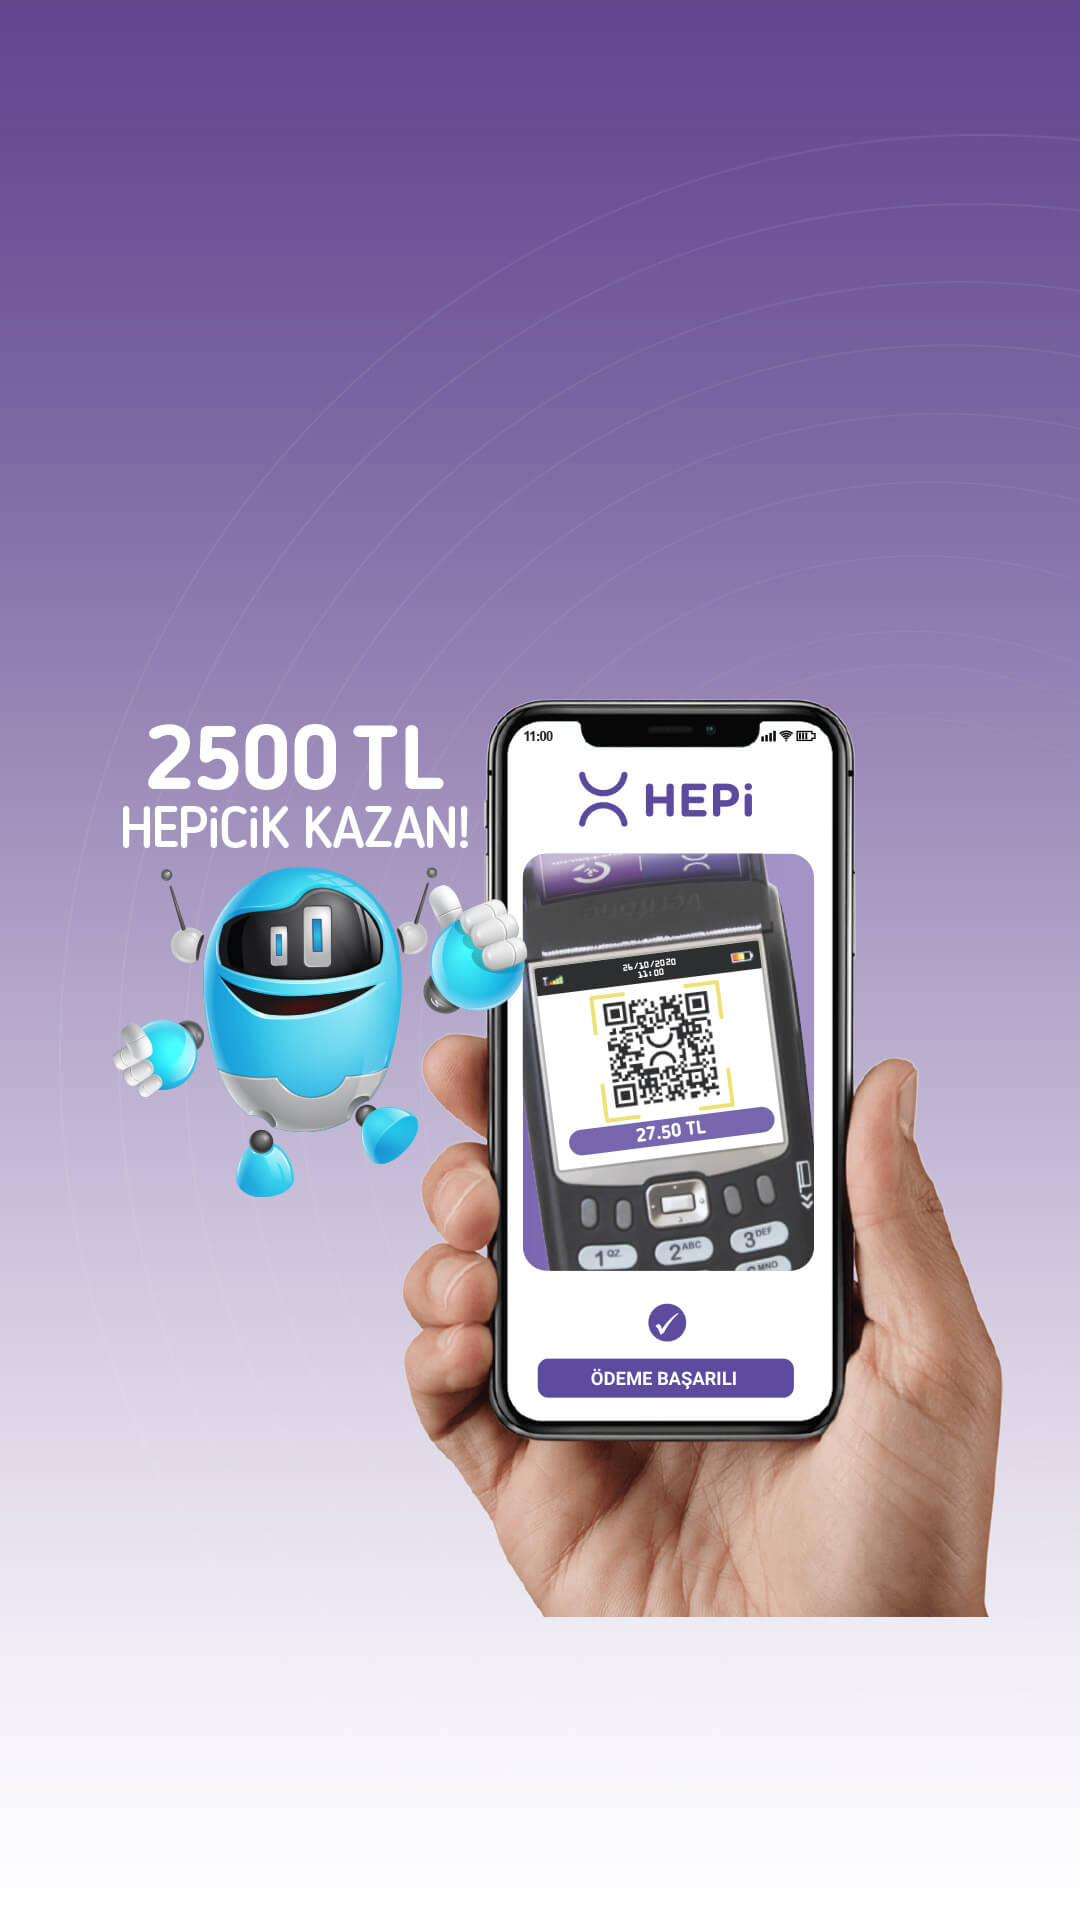 Mobil Cüzdanına Para Yükle, Alışveriş Yap 2500TL HEPiCiK Kazan!